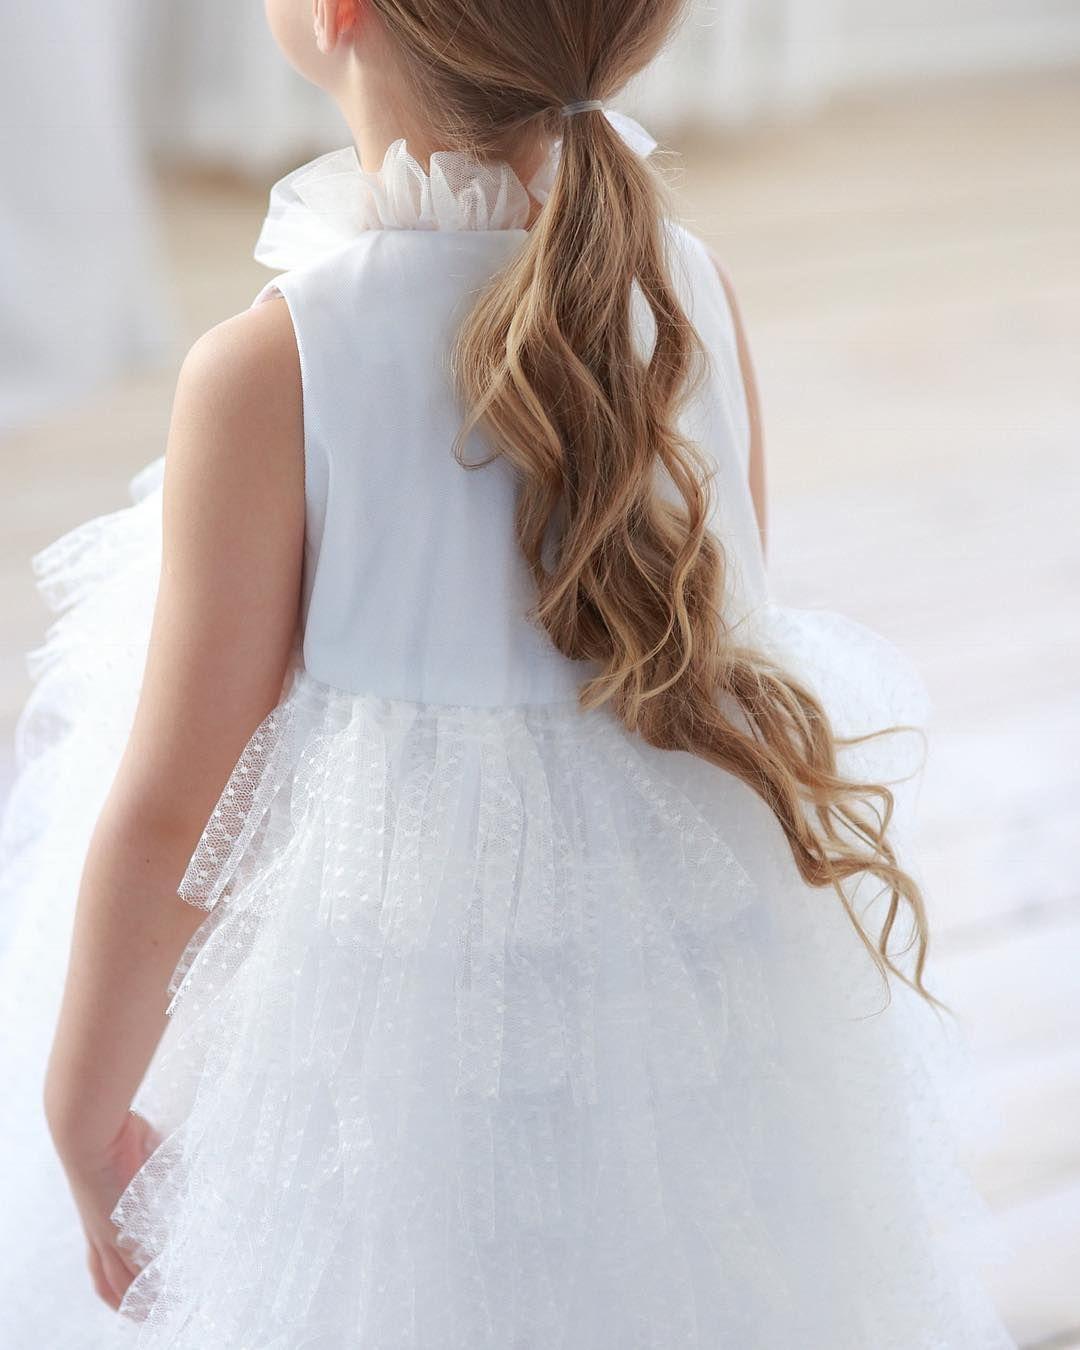 daaf44edf49d Воздушное платье с рюшами из нежного фатина, юбочкой в пол ,мягкой стойкой  и застежкой